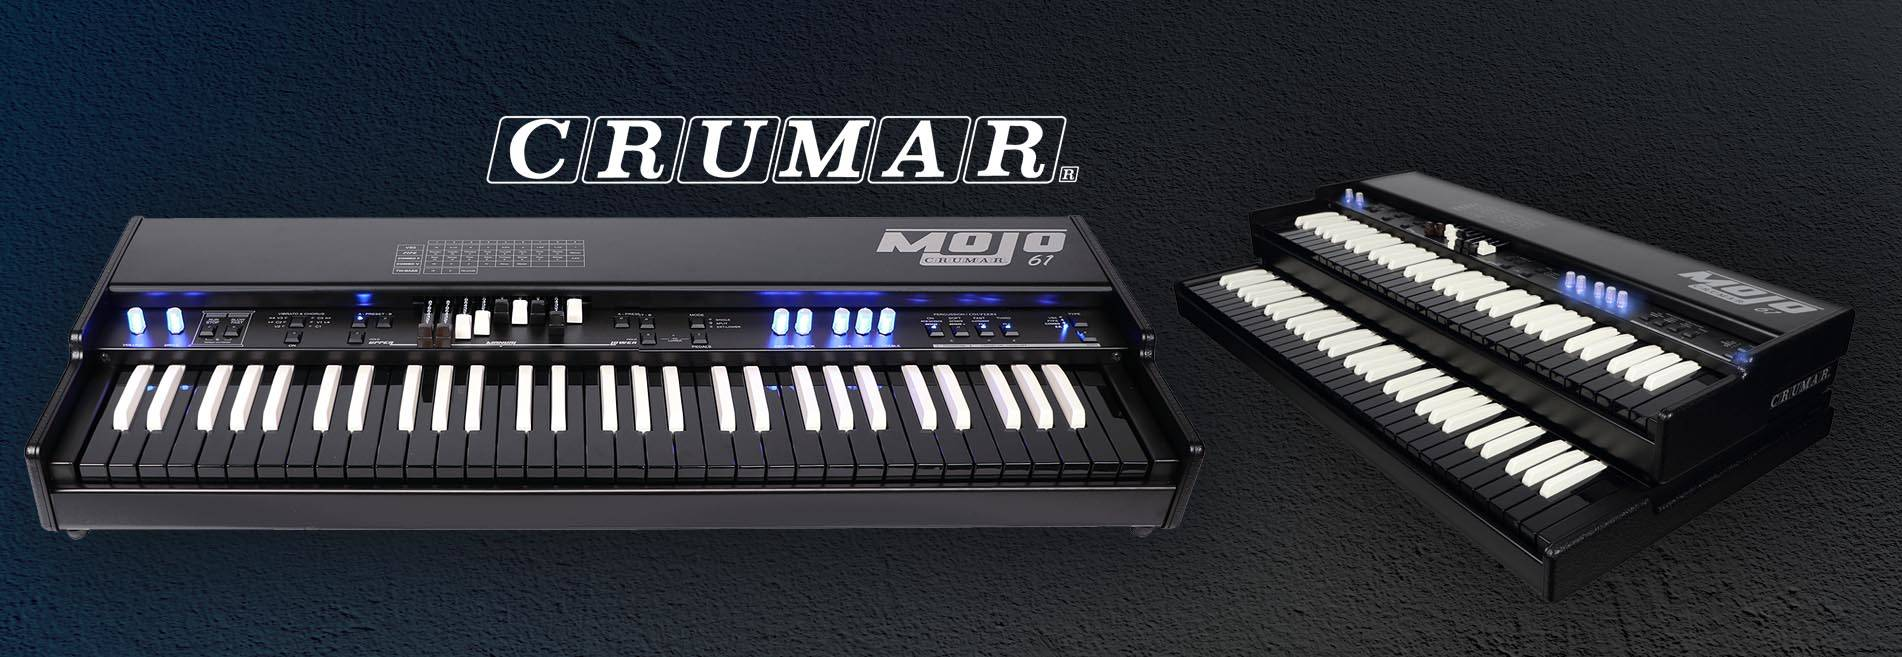 Crumar MOJO-61-LTD / MOJO-61B-LTD